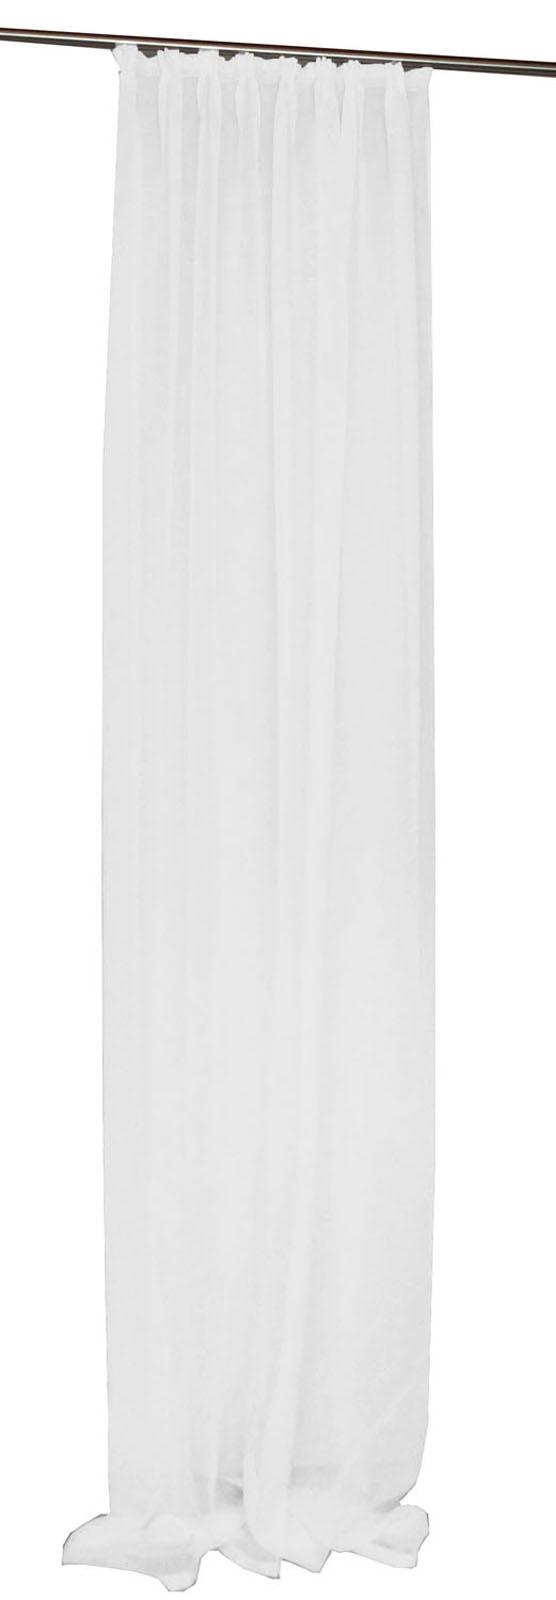 voile gardine lino halbtransparent kr uselband griffige qualit t ebay. Black Bedroom Furniture Sets. Home Design Ideas